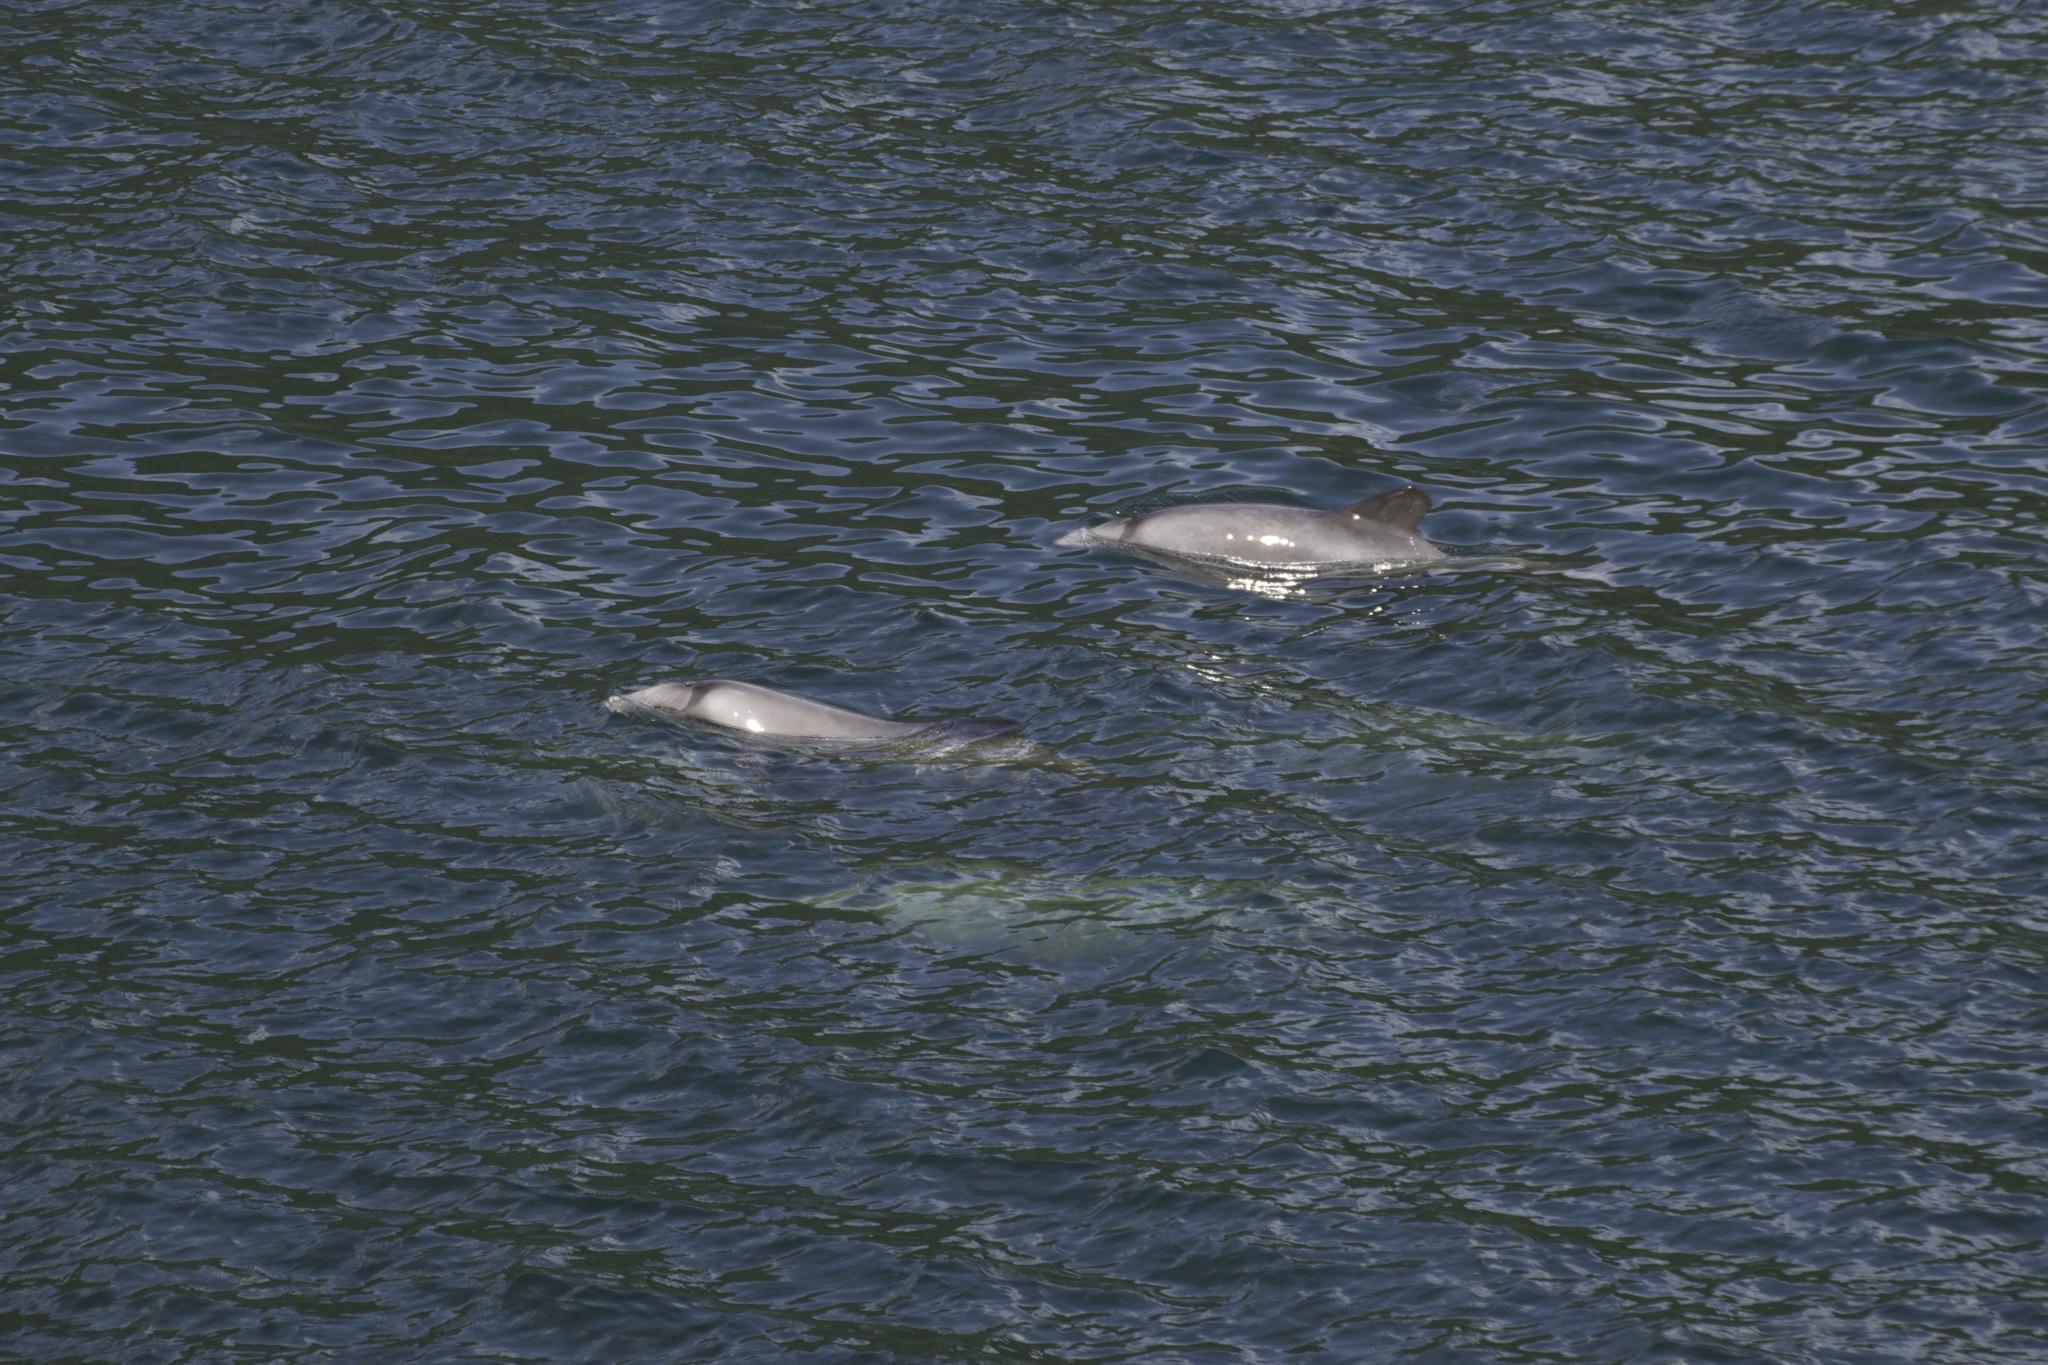 Schon nach dem Frühstück und nochmals beim Znüni konnten wir Delfine beobachten